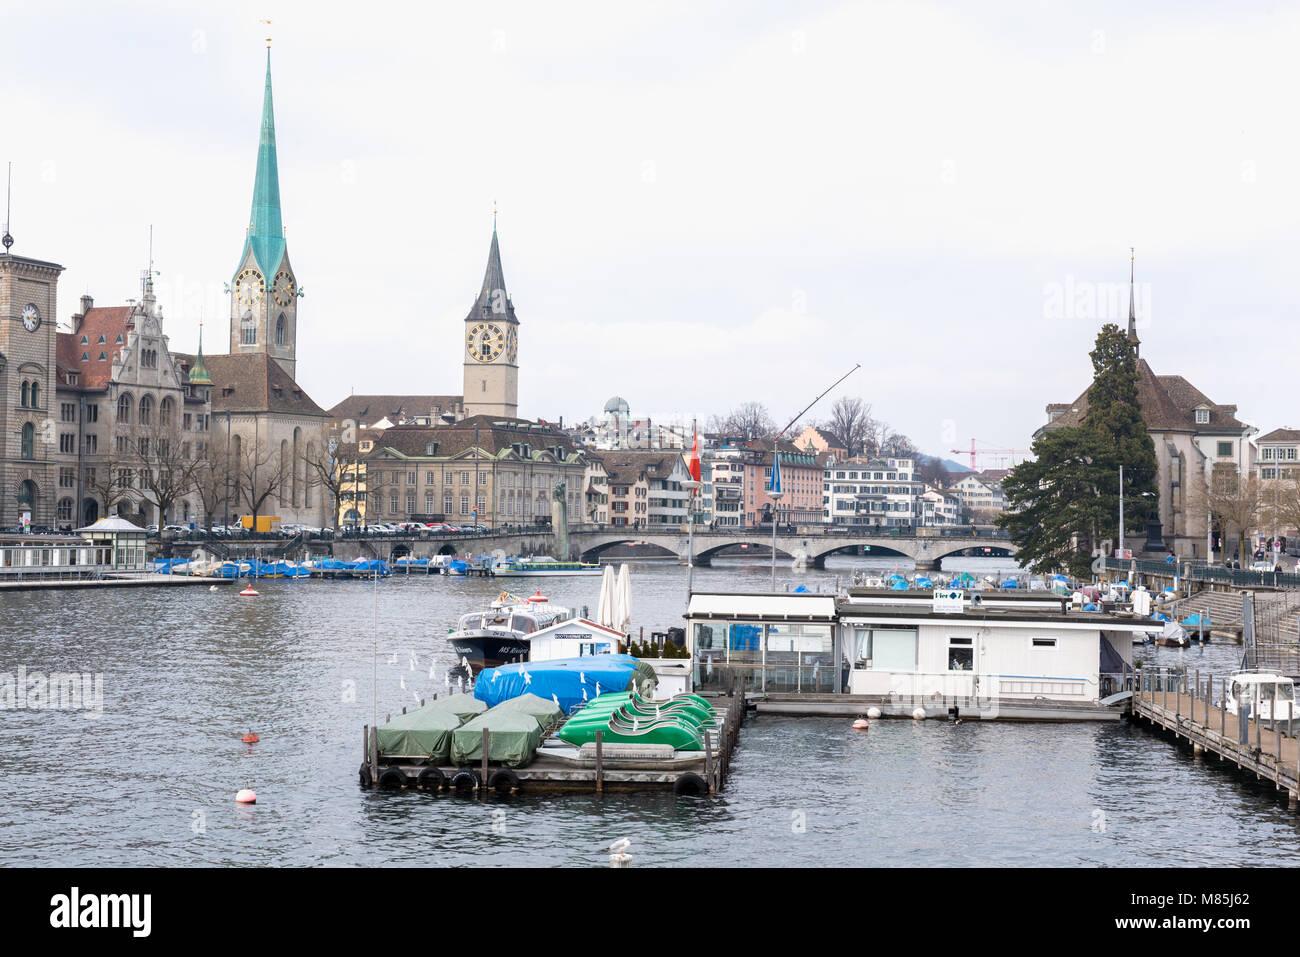 Limmat river, Zurich, Switzerland - Stock Image